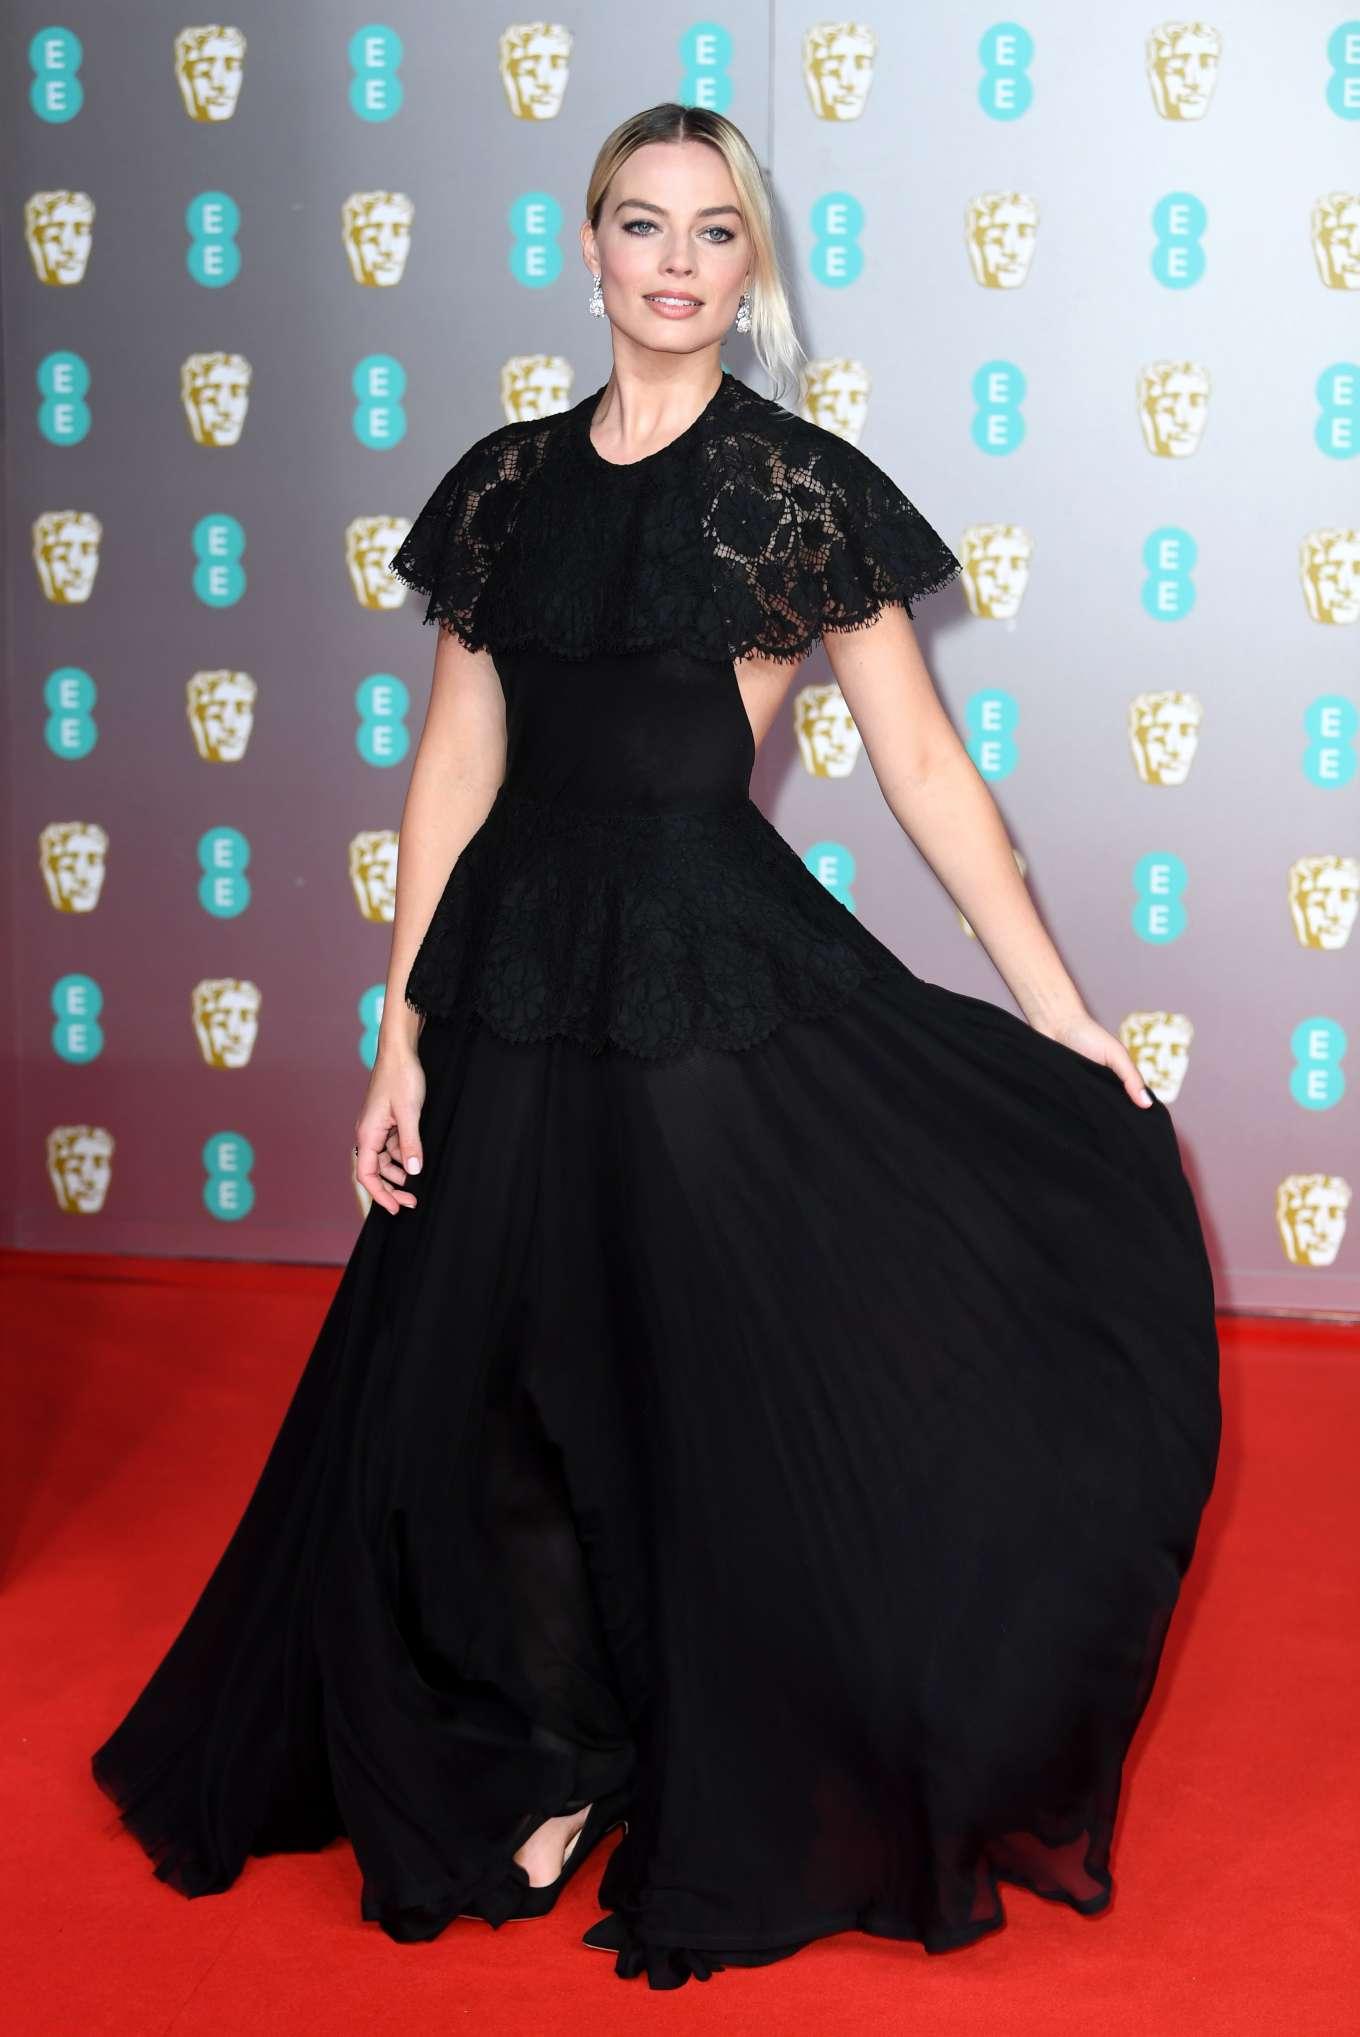 Margot Robbie - 2020 British Academy Film Awards in London